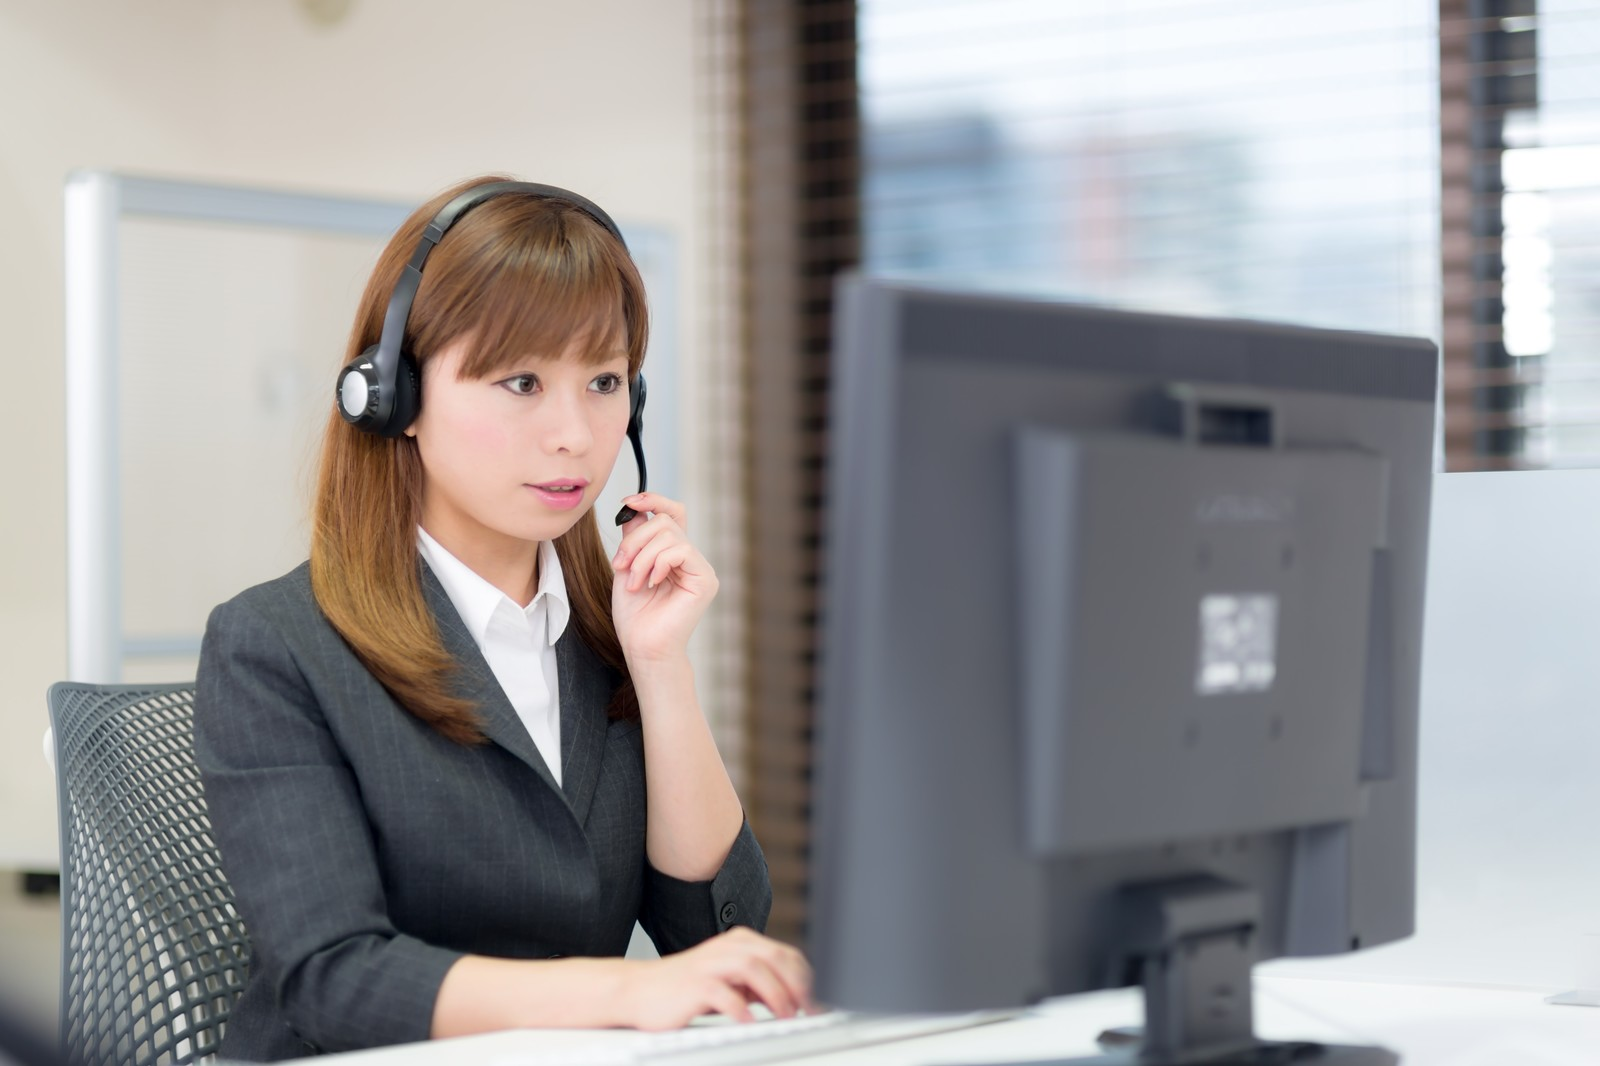 【山梨県富士吉田市の求人】コールーセンターで商品の在庫確認や注文受付など電話応対のお仕事!!未経験者でも男女問いません。大勢の方応募お待ちしています。